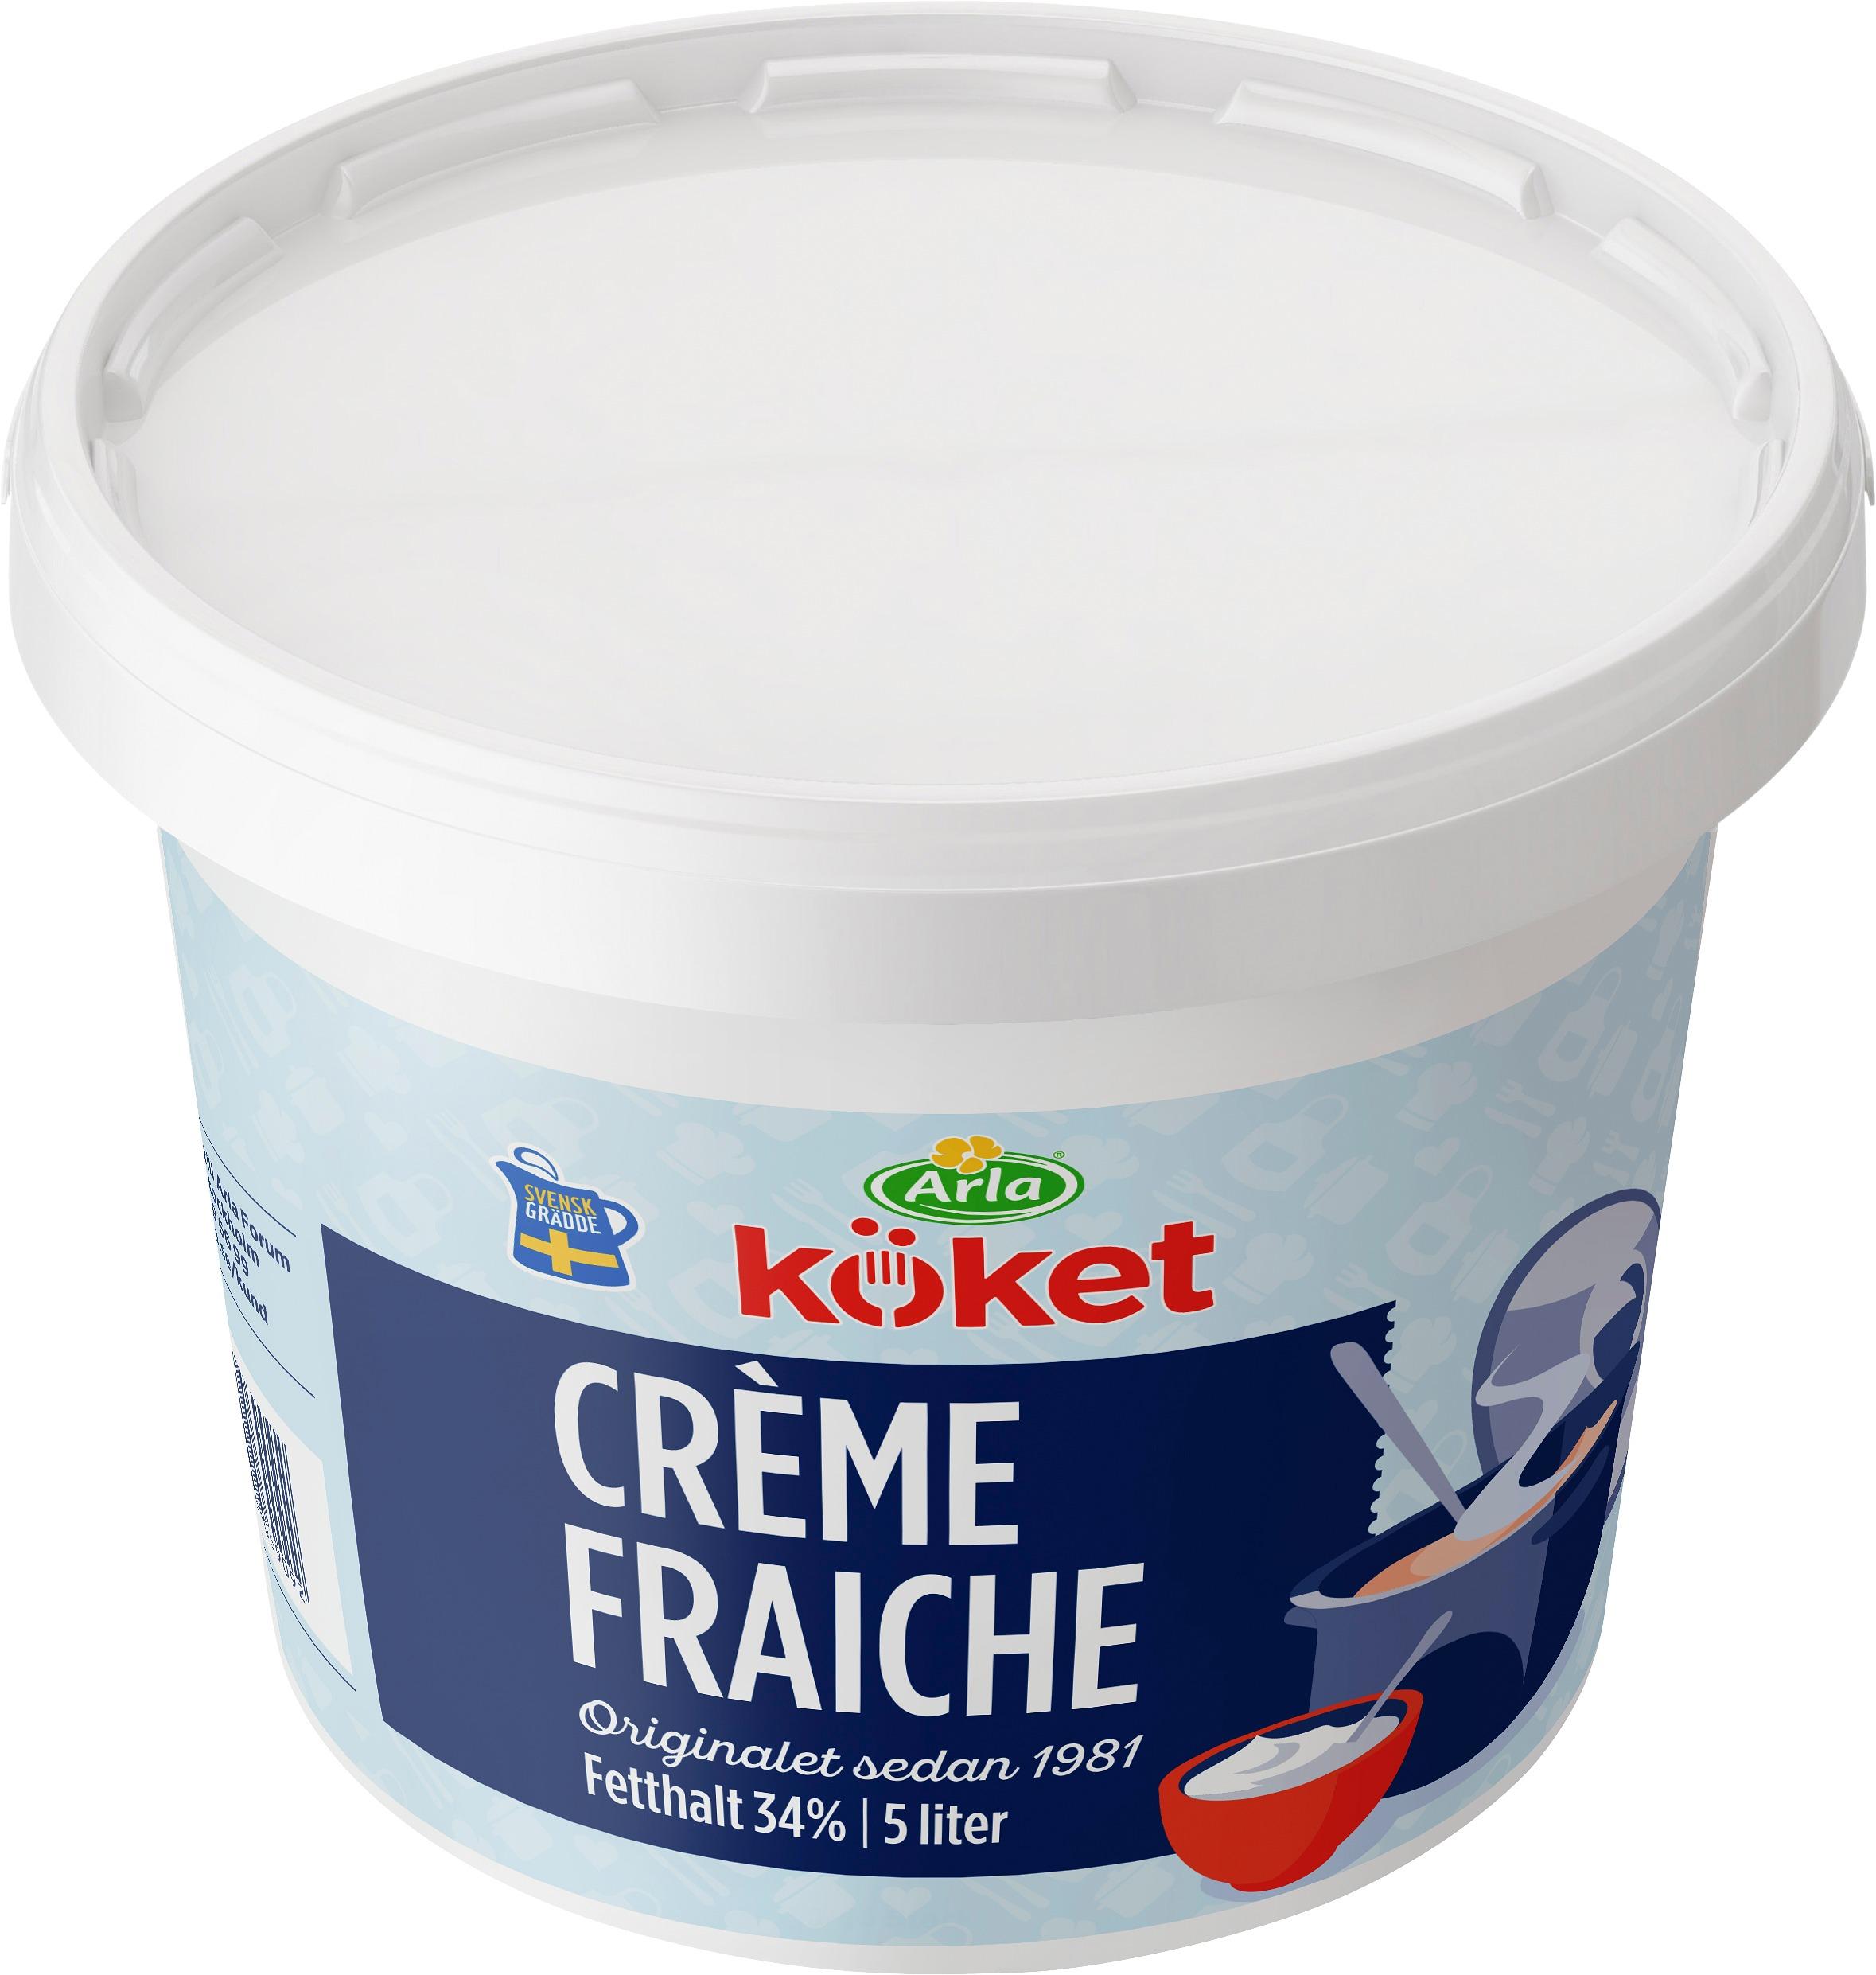 Crème Fraiche 34%